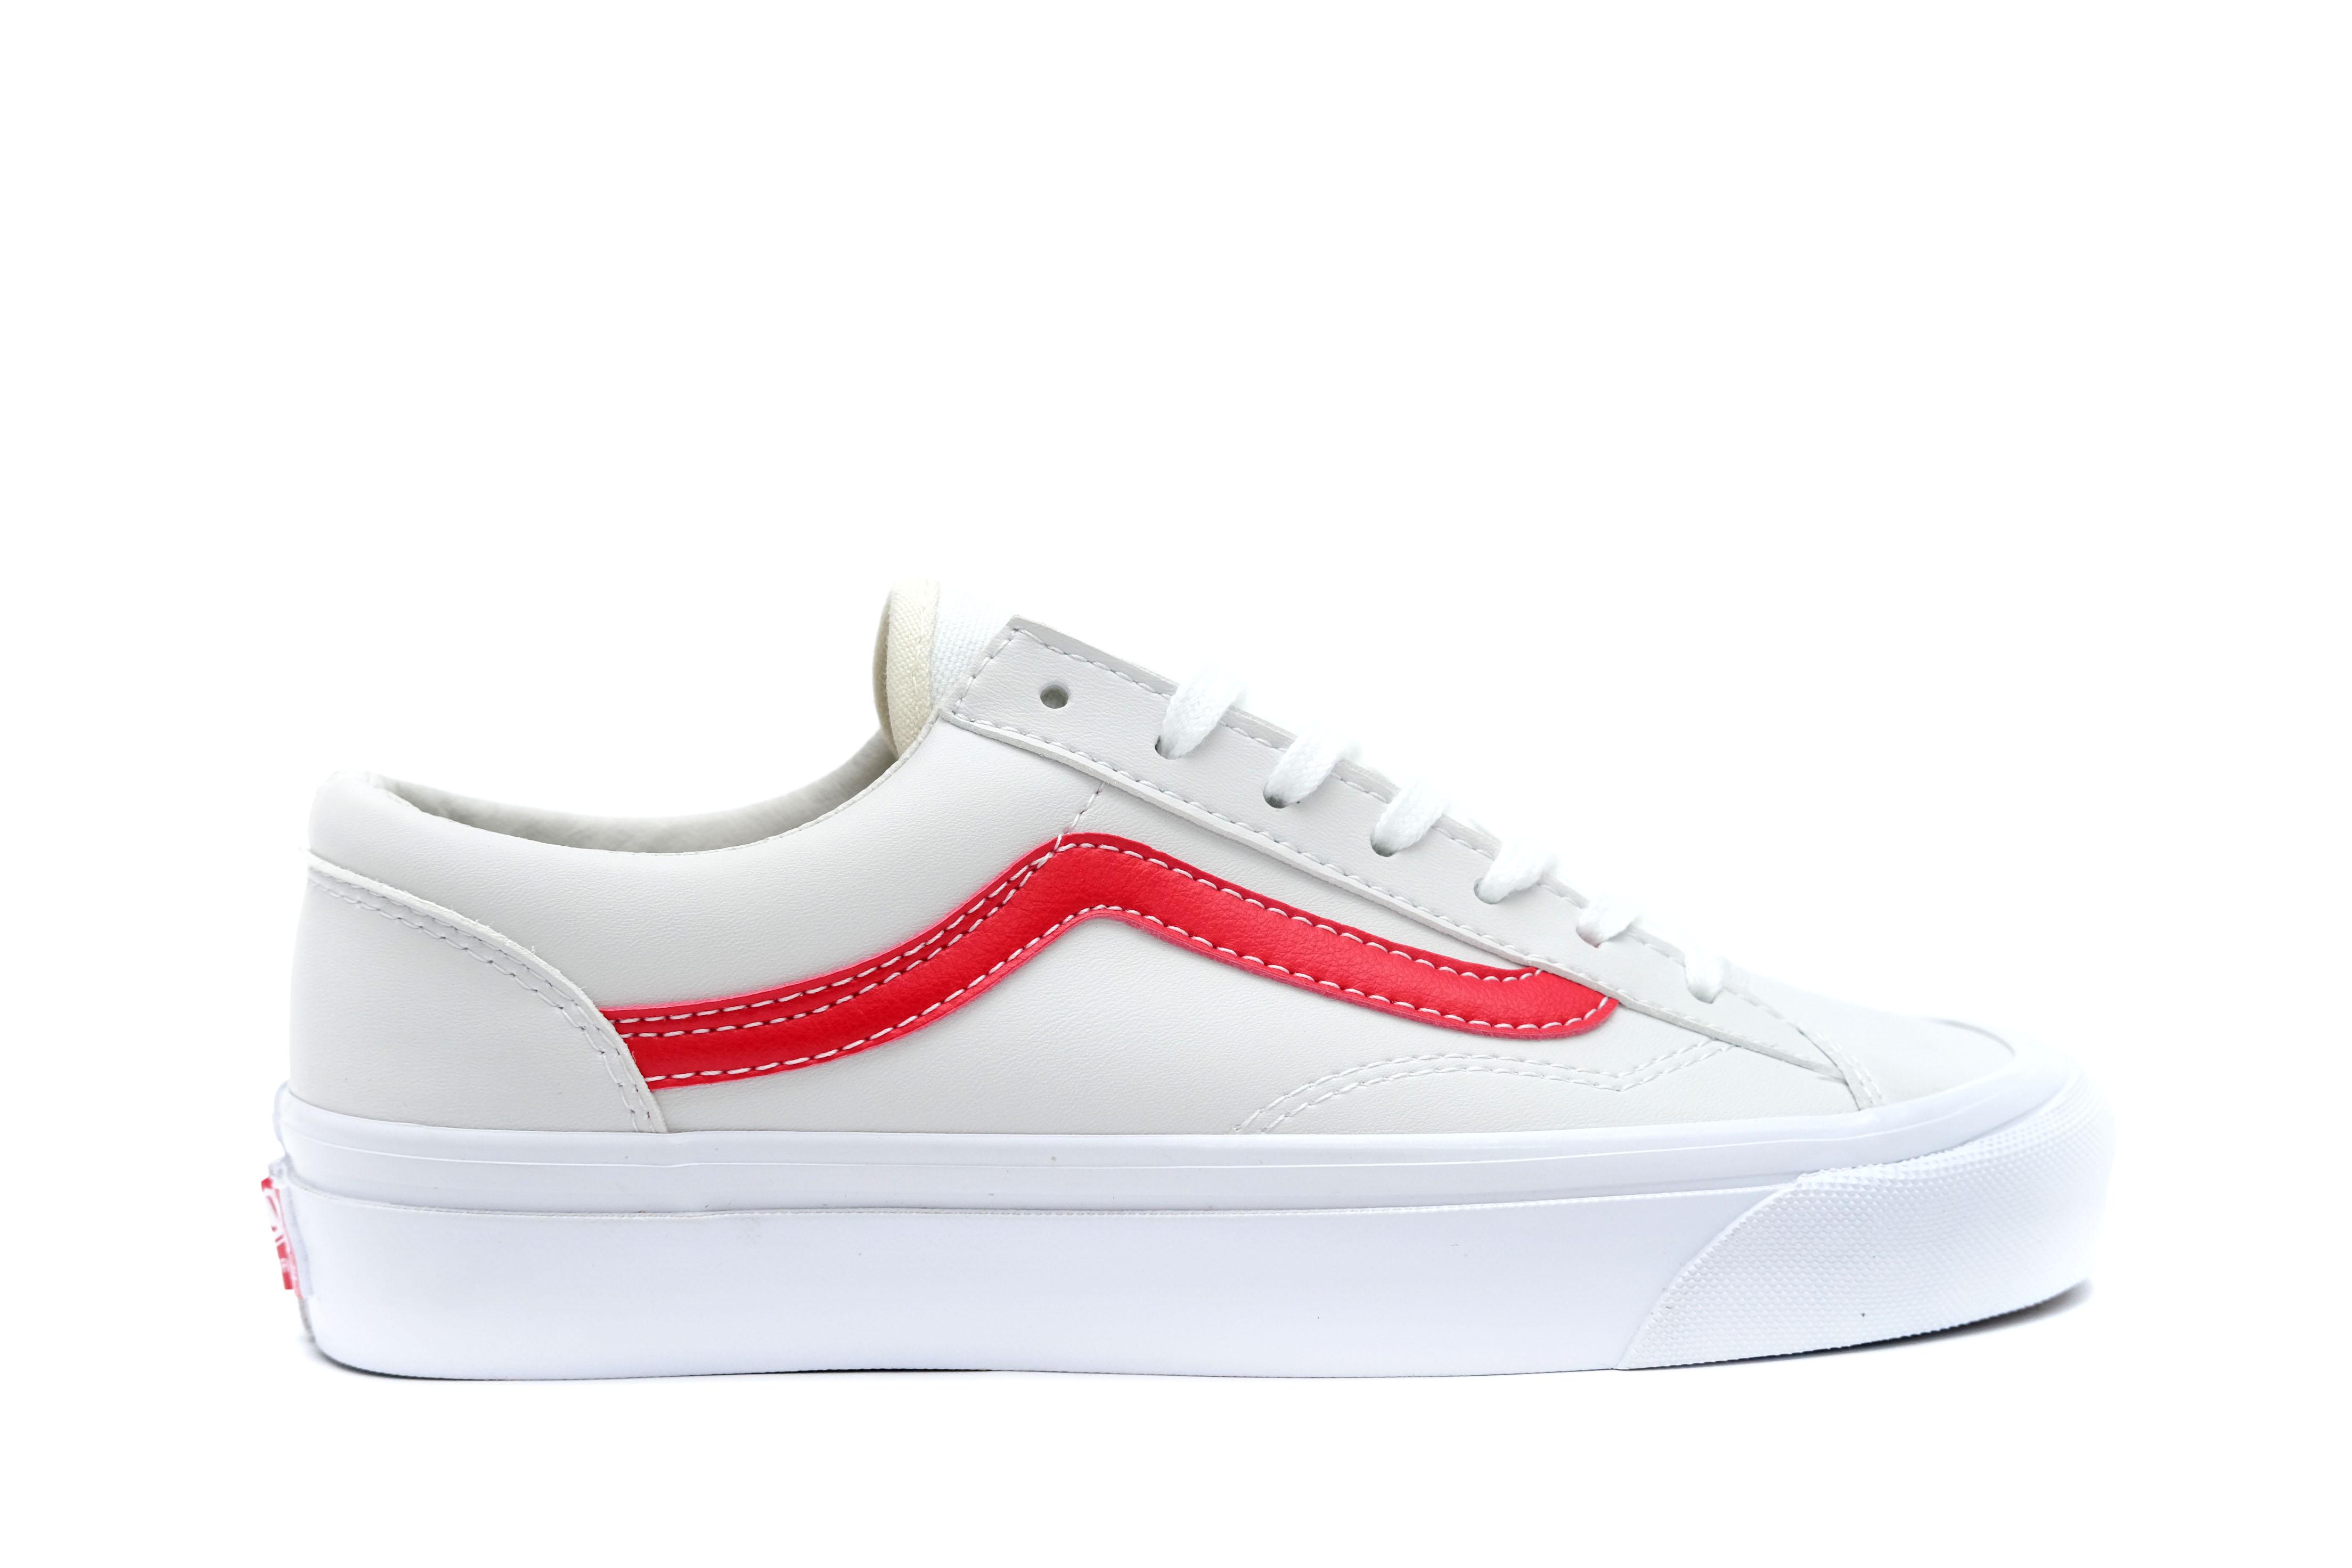 Vans Vault Style 36 - Red